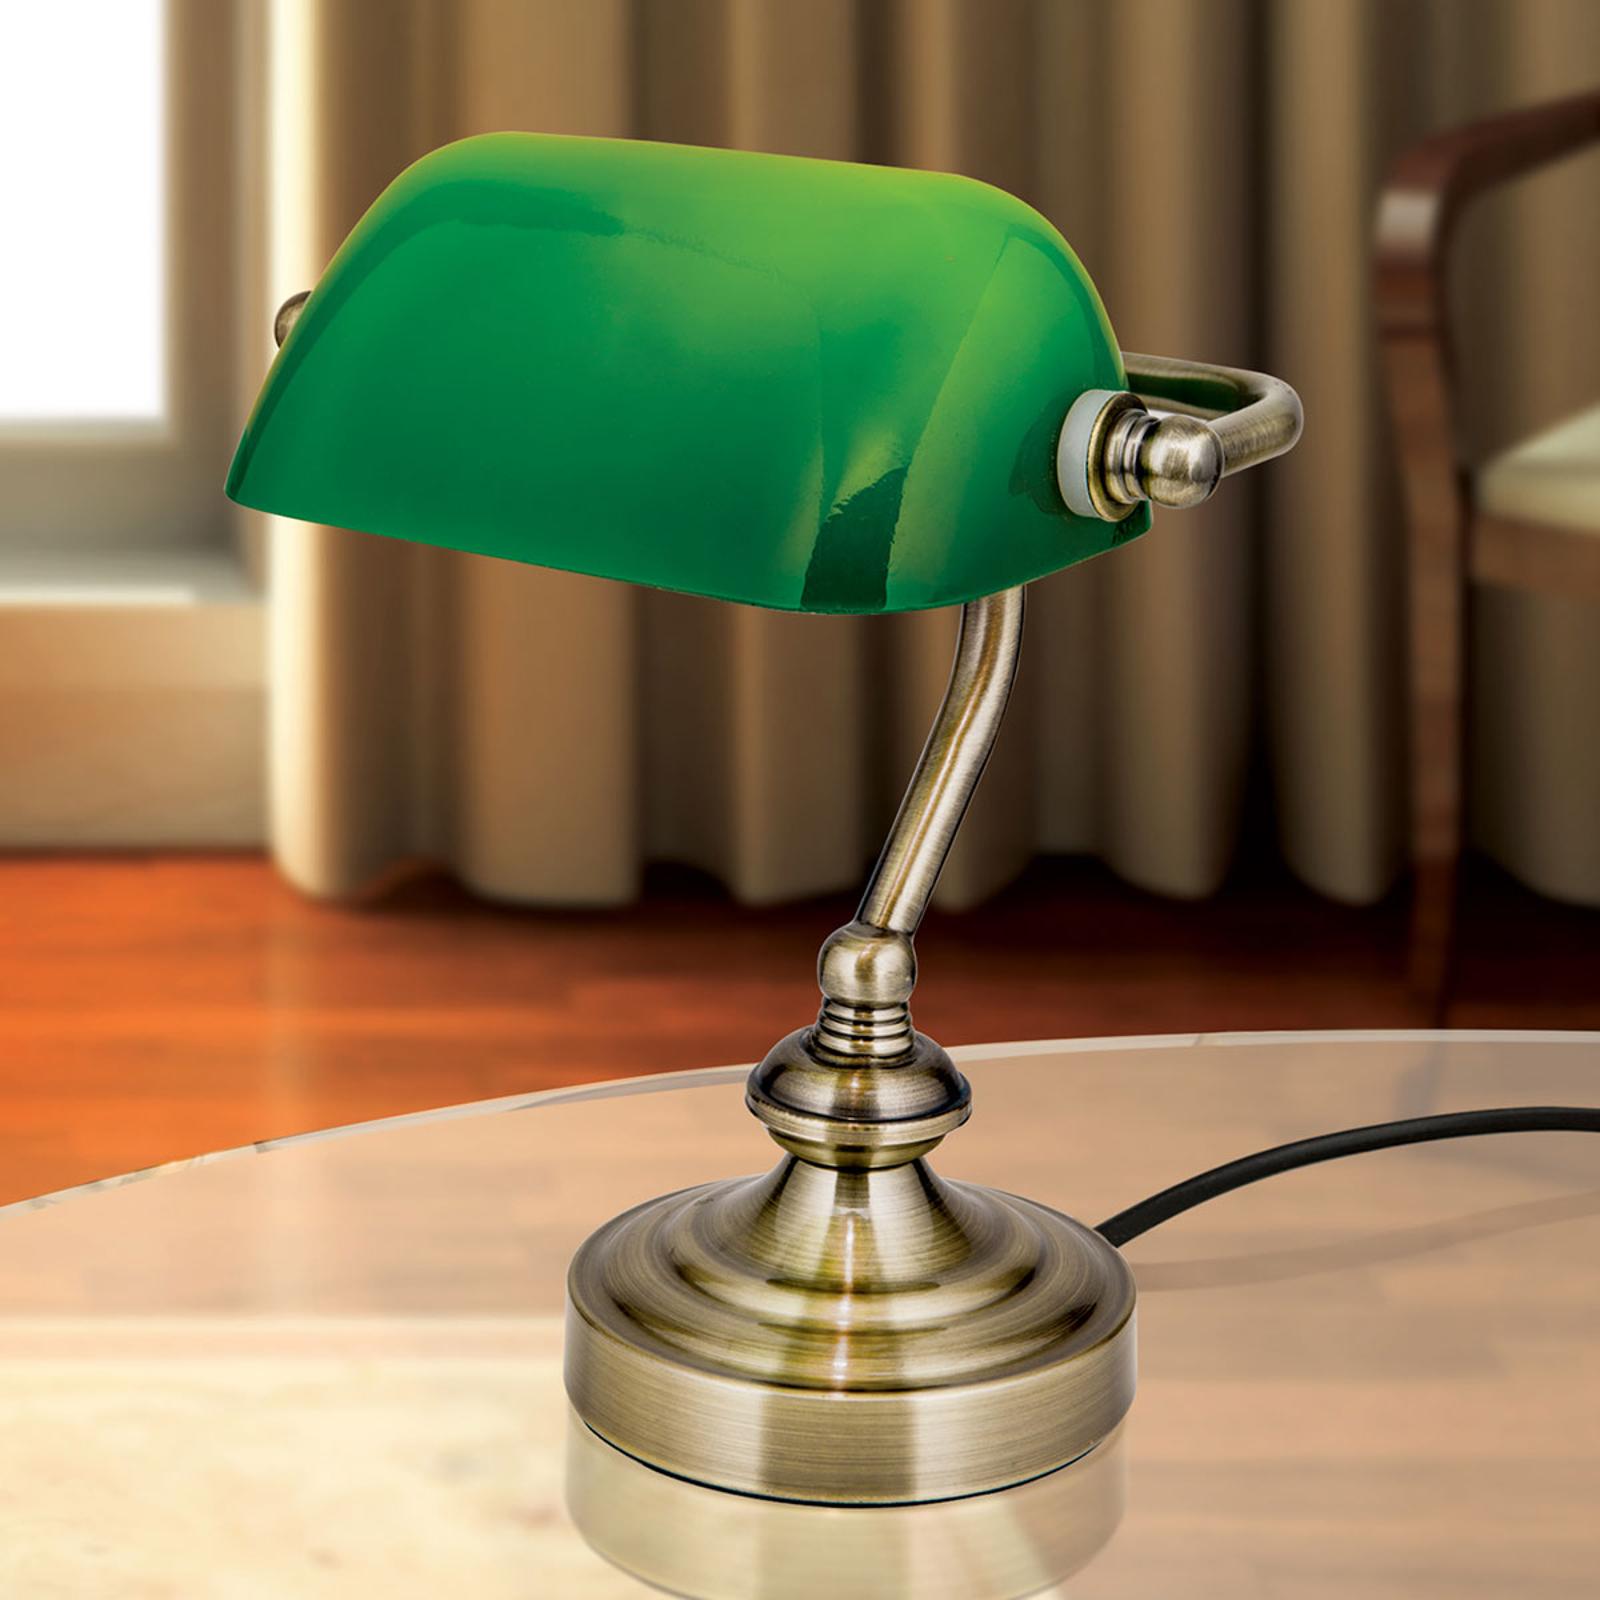 Acquista Lampada Da Tavolo Zora Con Paralume In Vetro Verde Lampade It